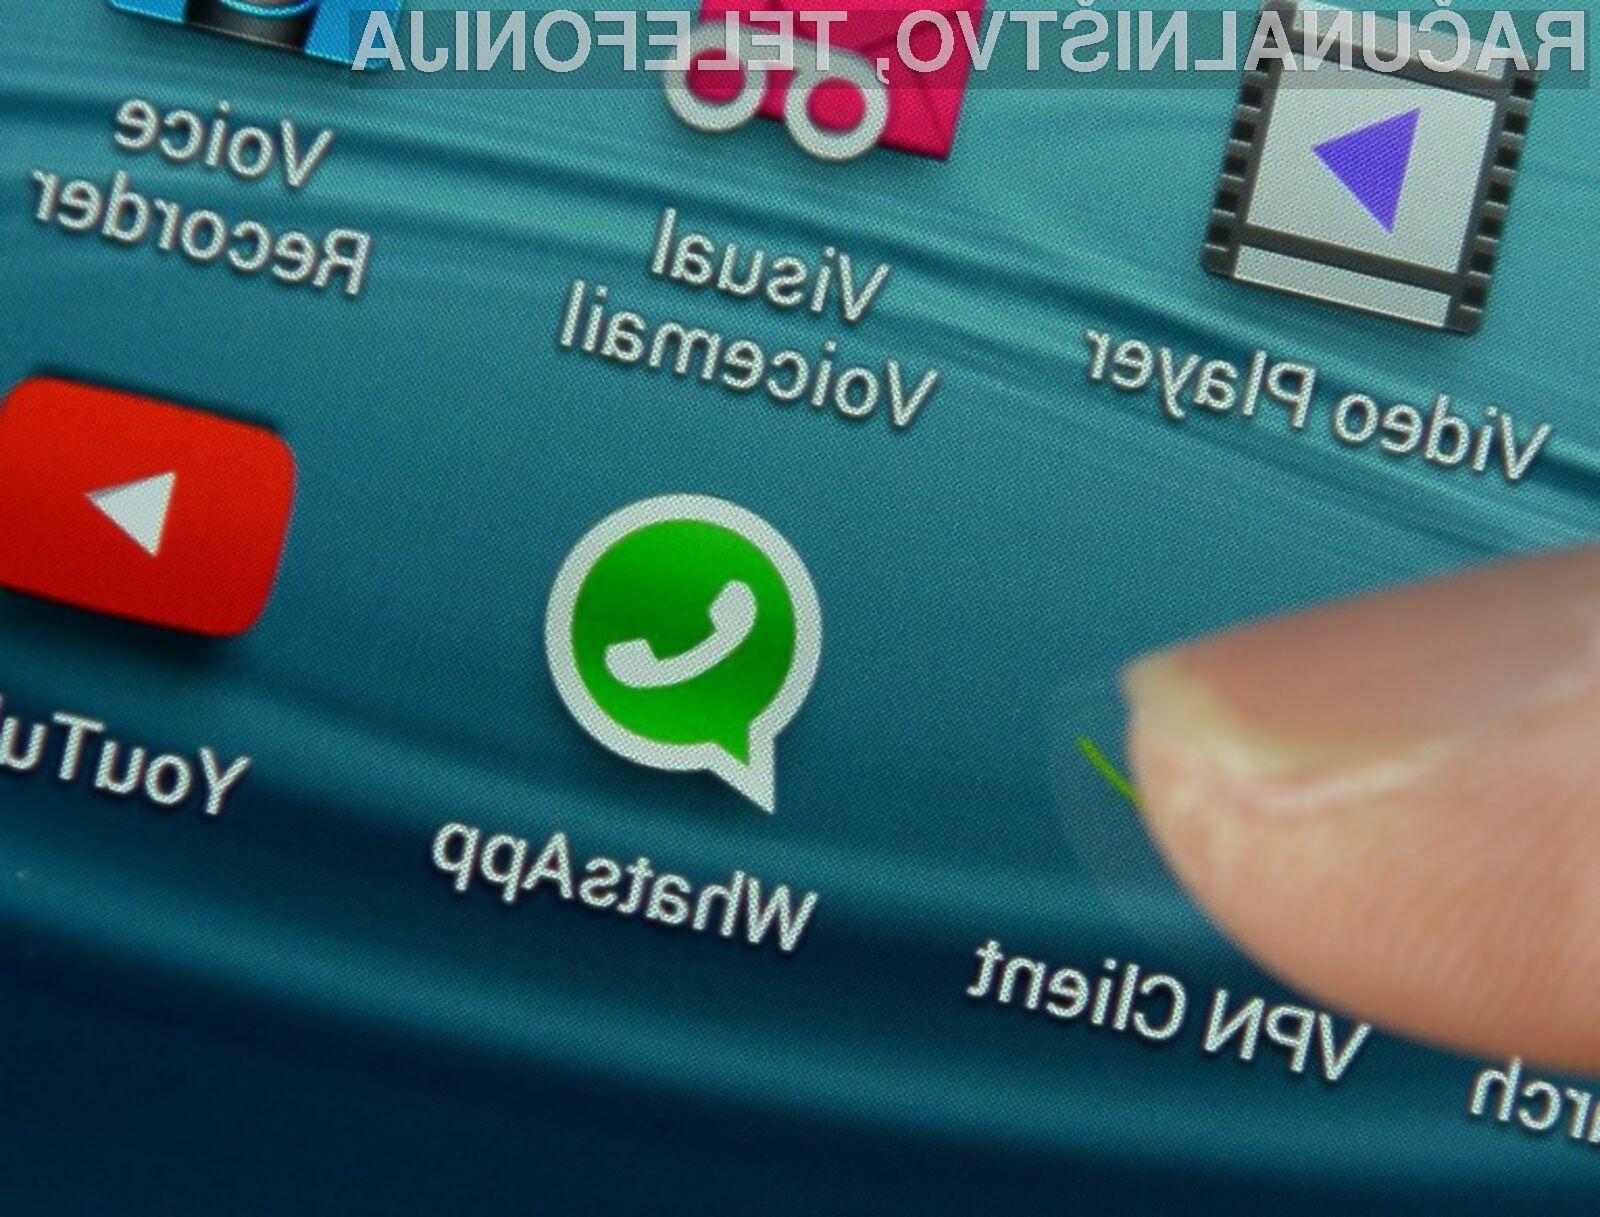 ifrirni sistem aplikacije WhatsApp ni transparenten, kar pomeni, da ni zagotovila, da je ta dejansko varen.